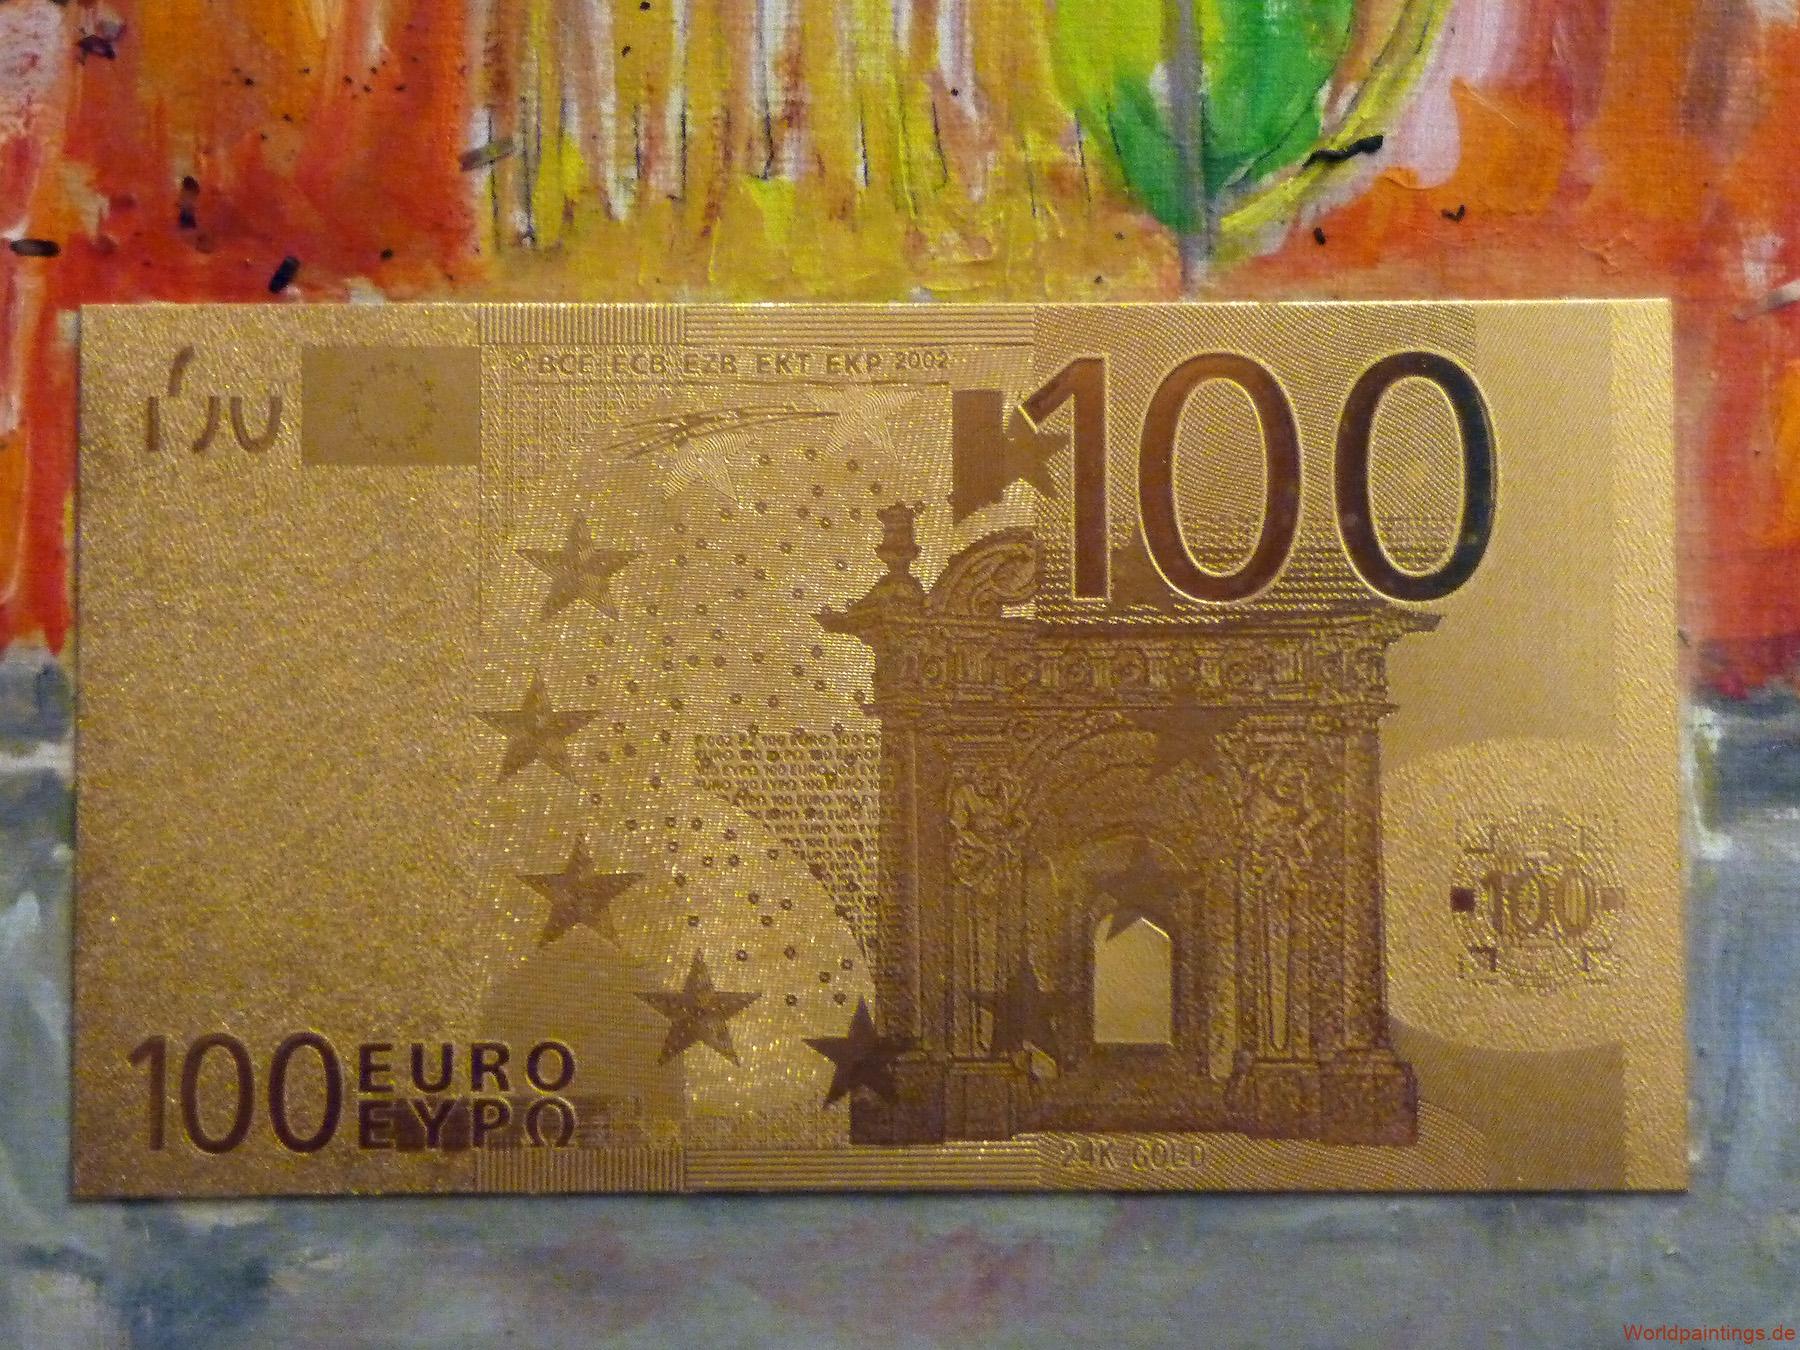 100E Banknote